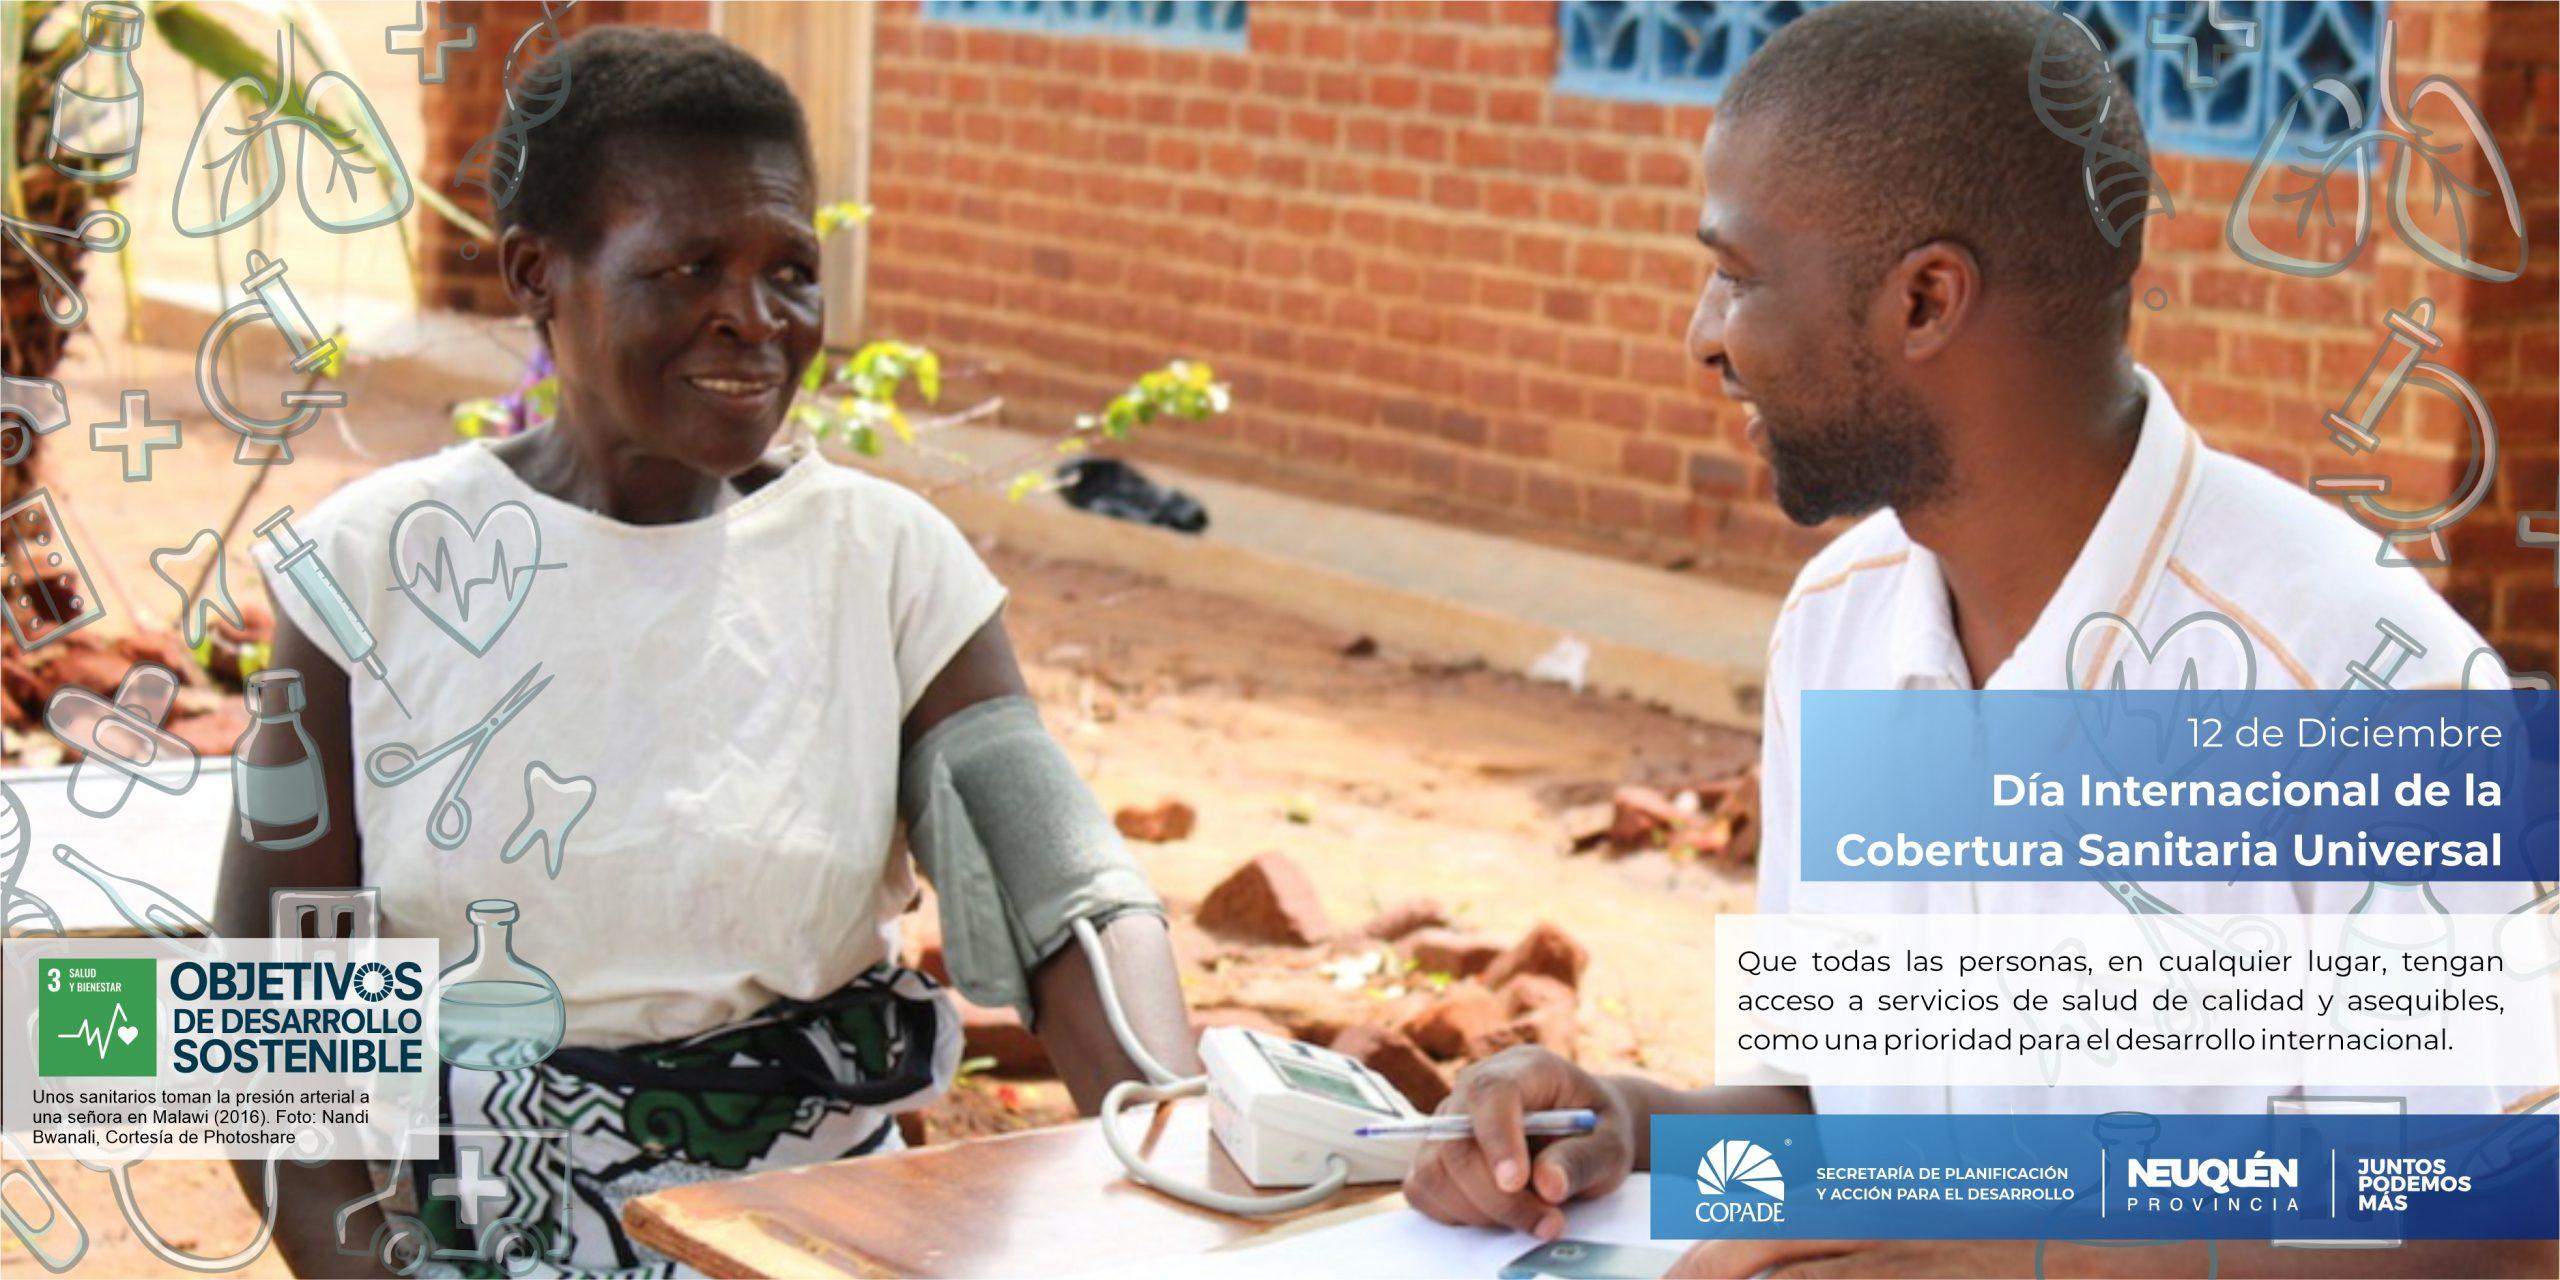 12 de diciembre | Día internacional de la Cobertura Sanitaria Universal